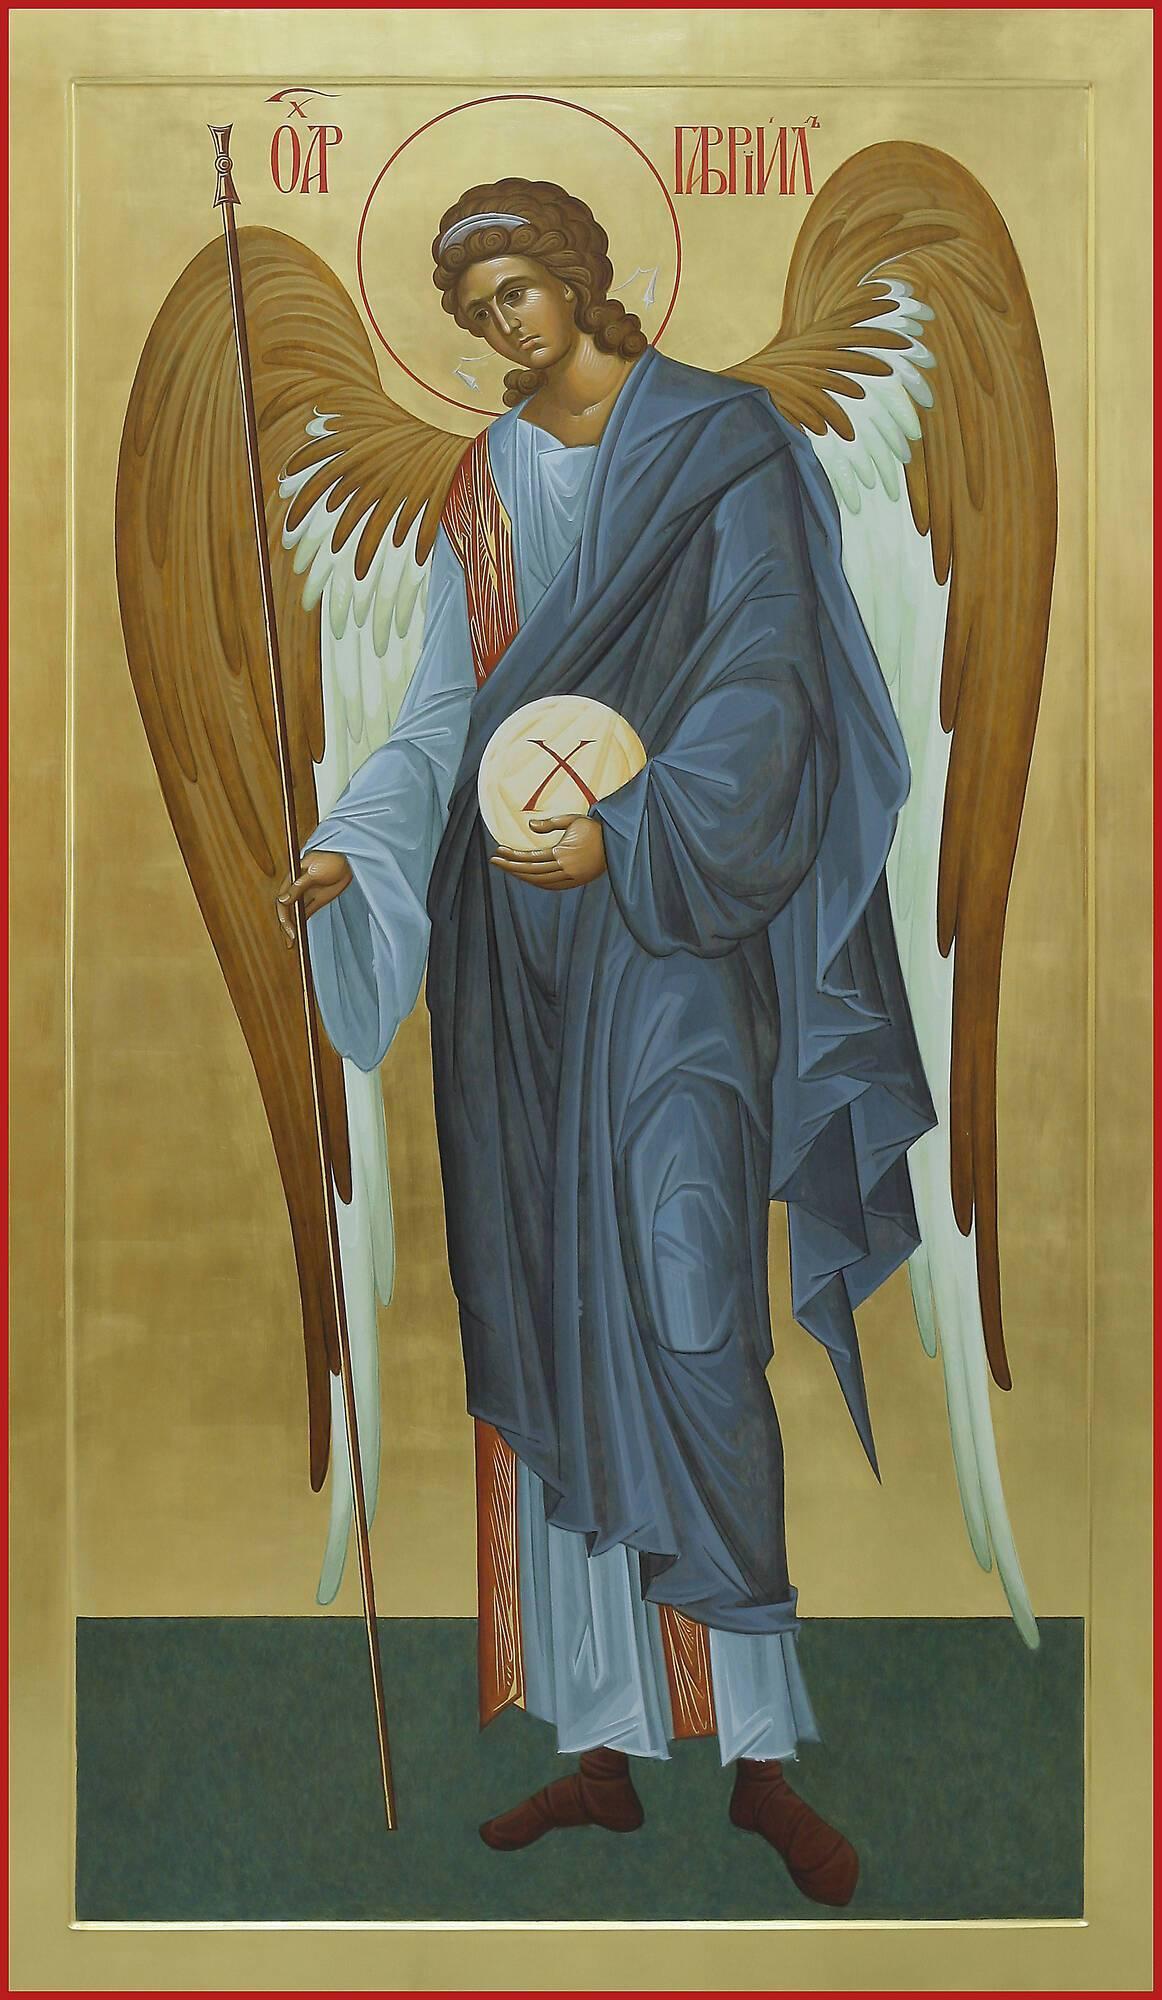 Архангел Гавриил охраняет детей, помогает незамужним и неженатым верующим